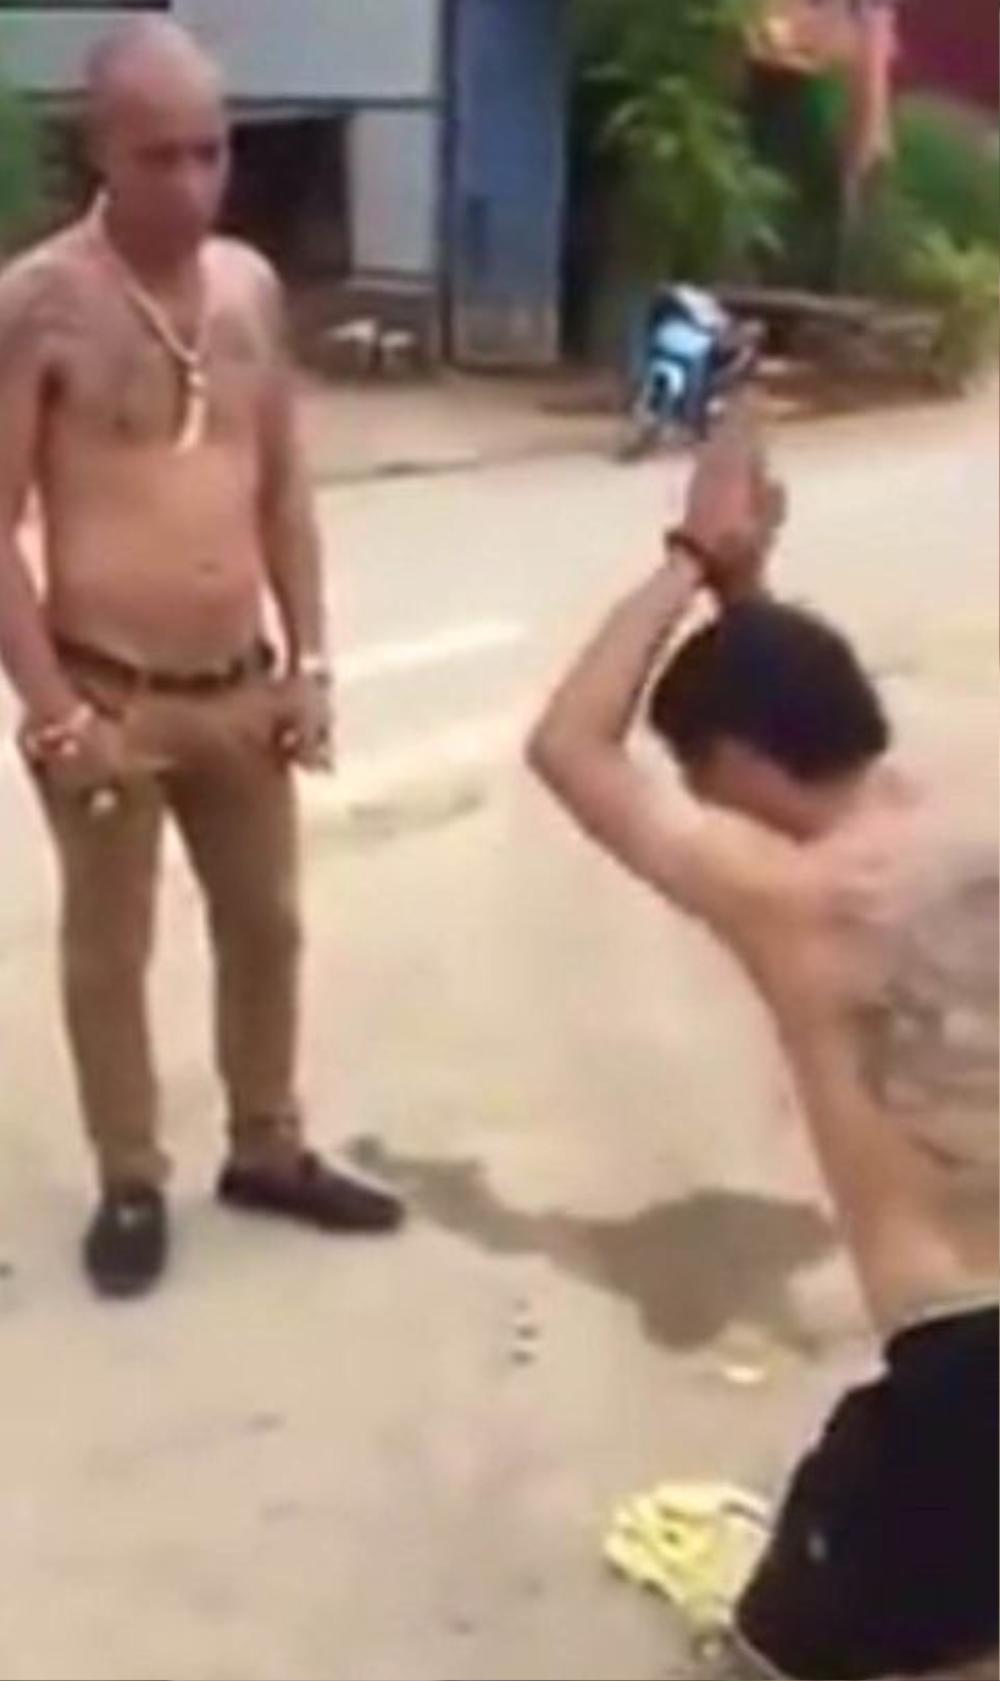 Đoạn clip một đối tượng có biệt hiệu Dũng trọc bắt người khác lạy tế lễ mình - Ảnh: chụp từ clip